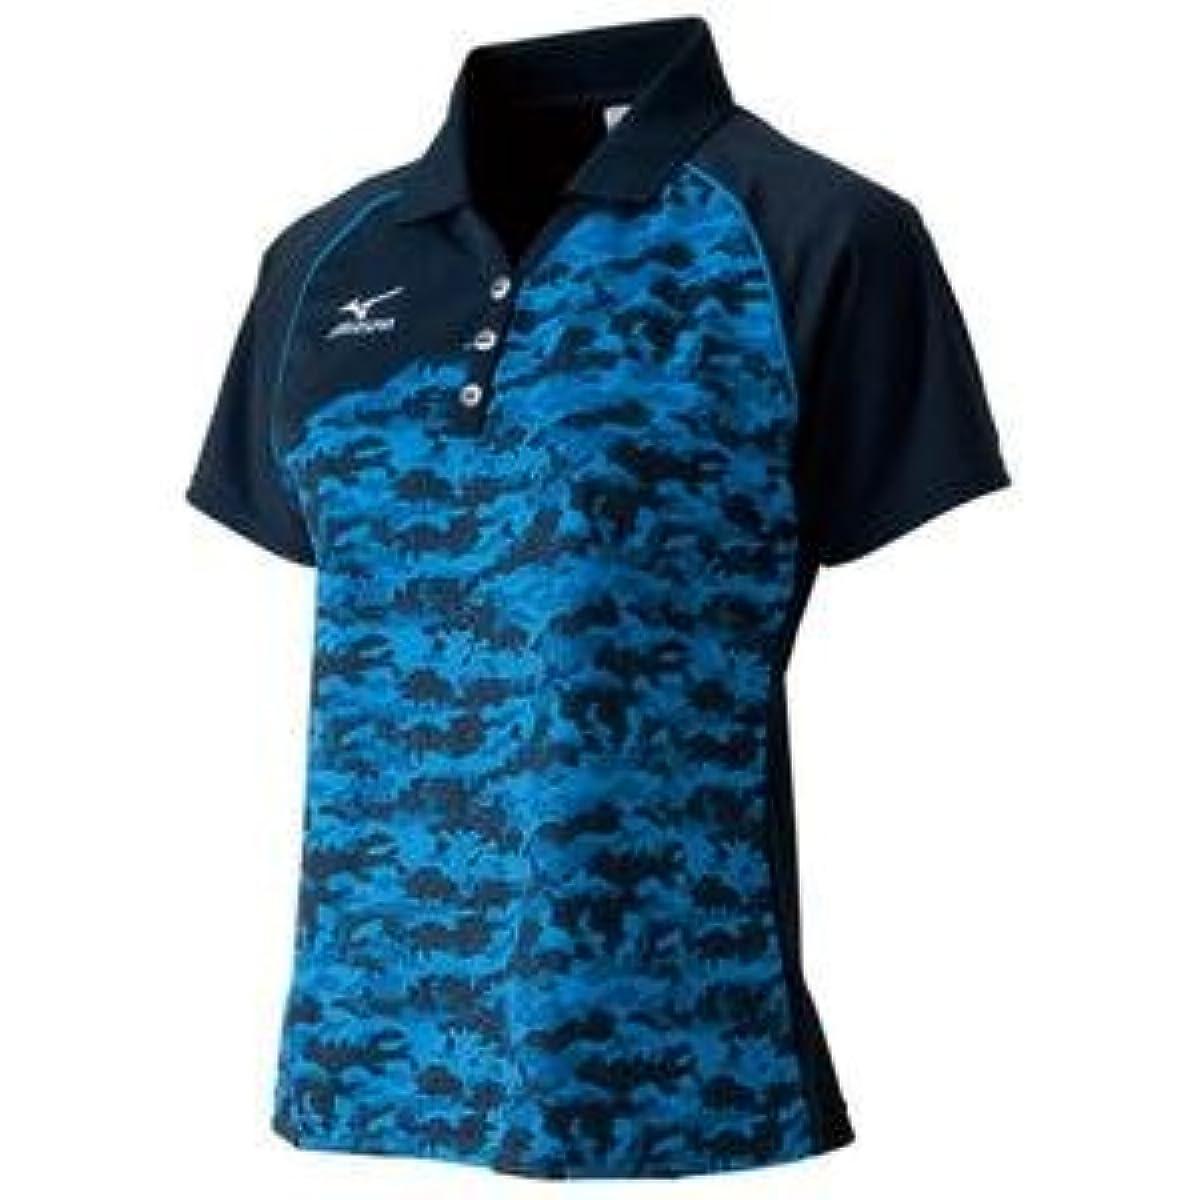 [해외] MIZUNO 게임 셔츠(탁구/레이디스) 주문 상품 사이즈:O